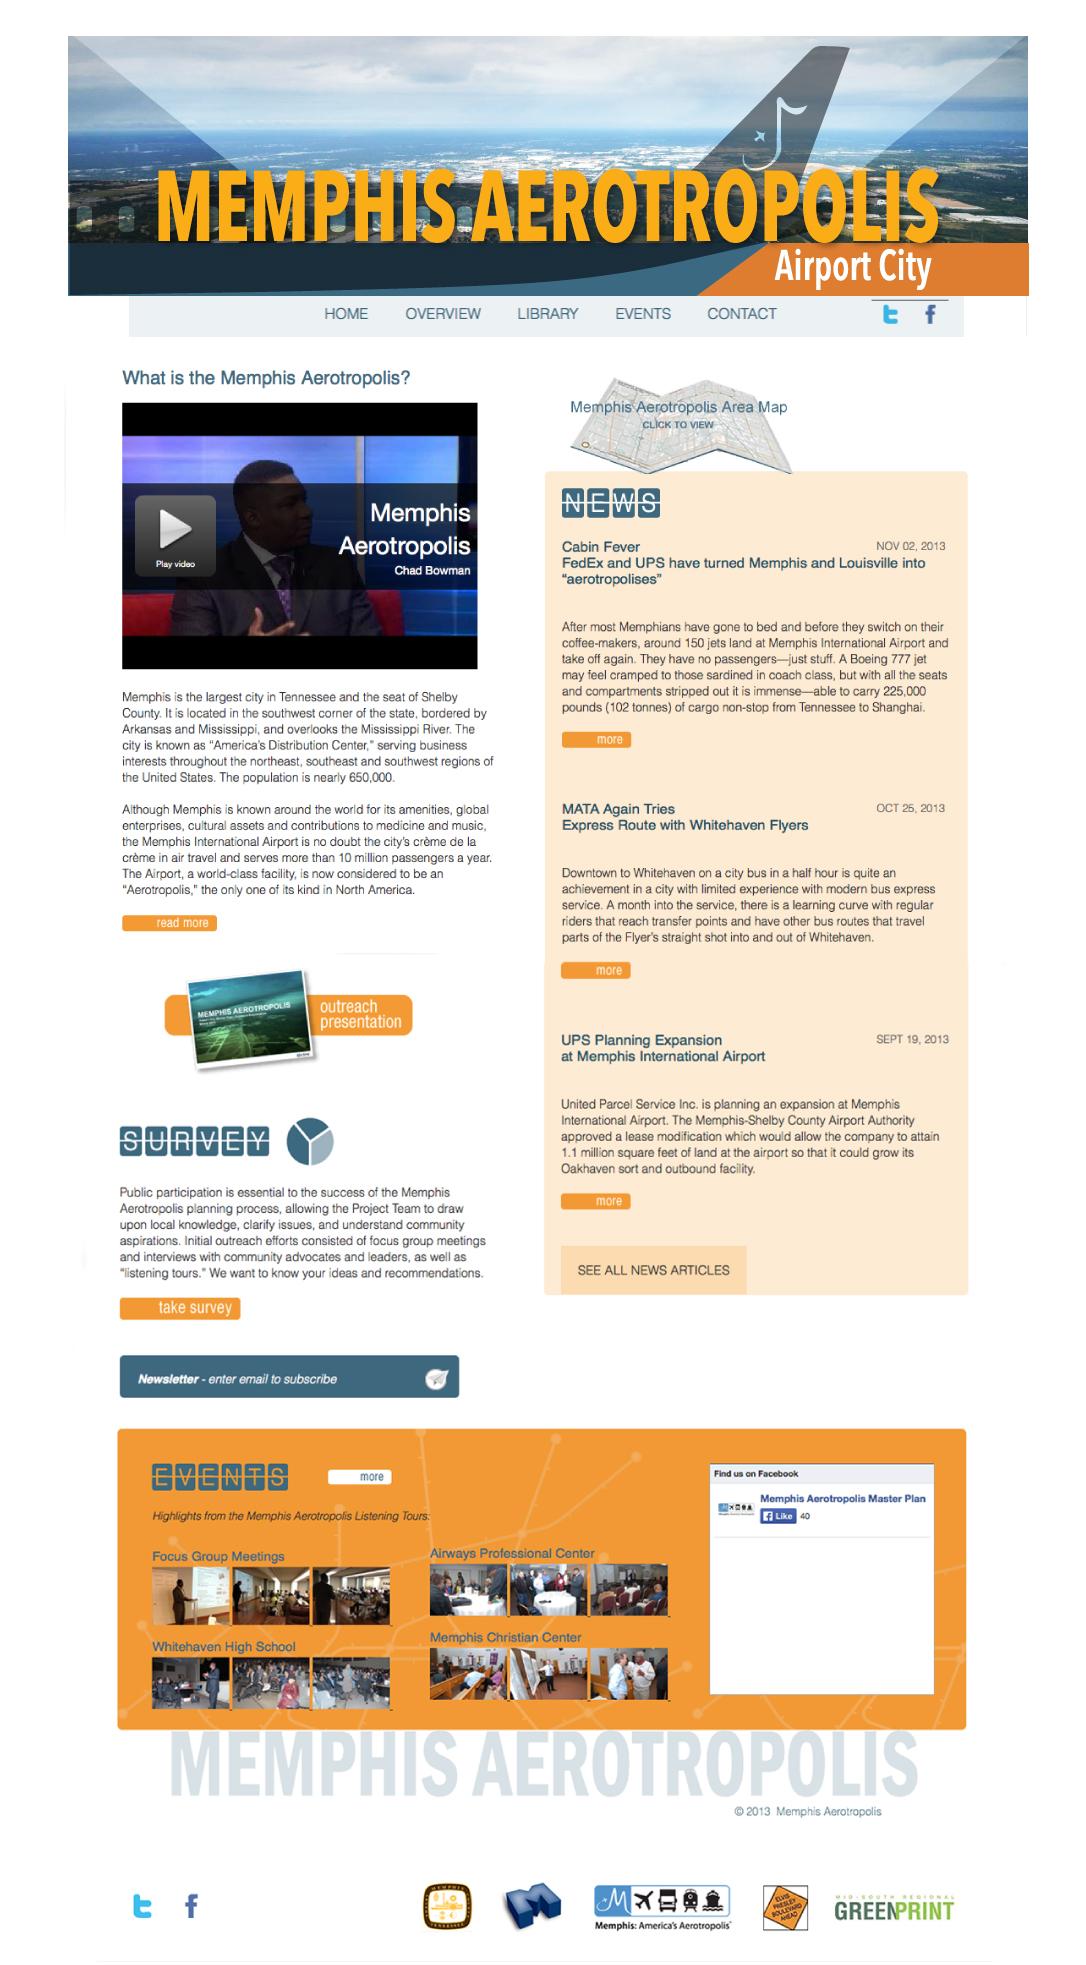 Memphis Aerotropolis website